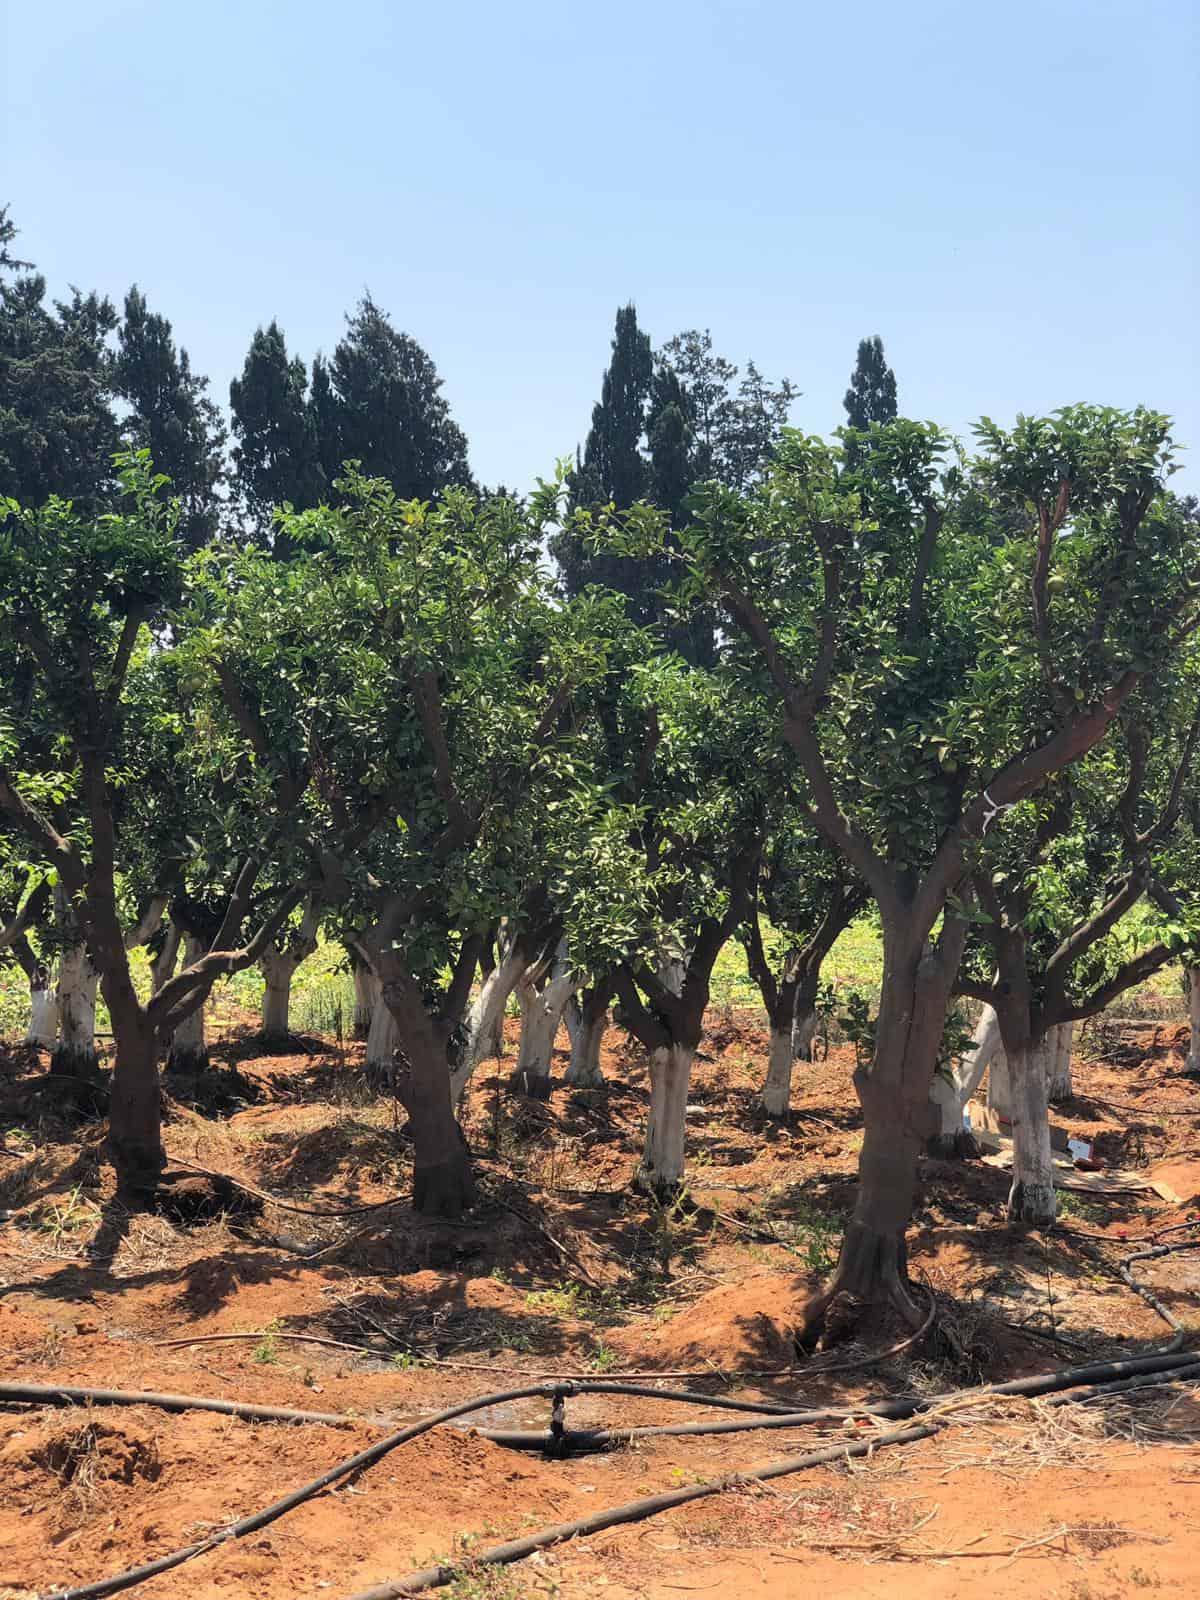 עץ תפוז טבורי